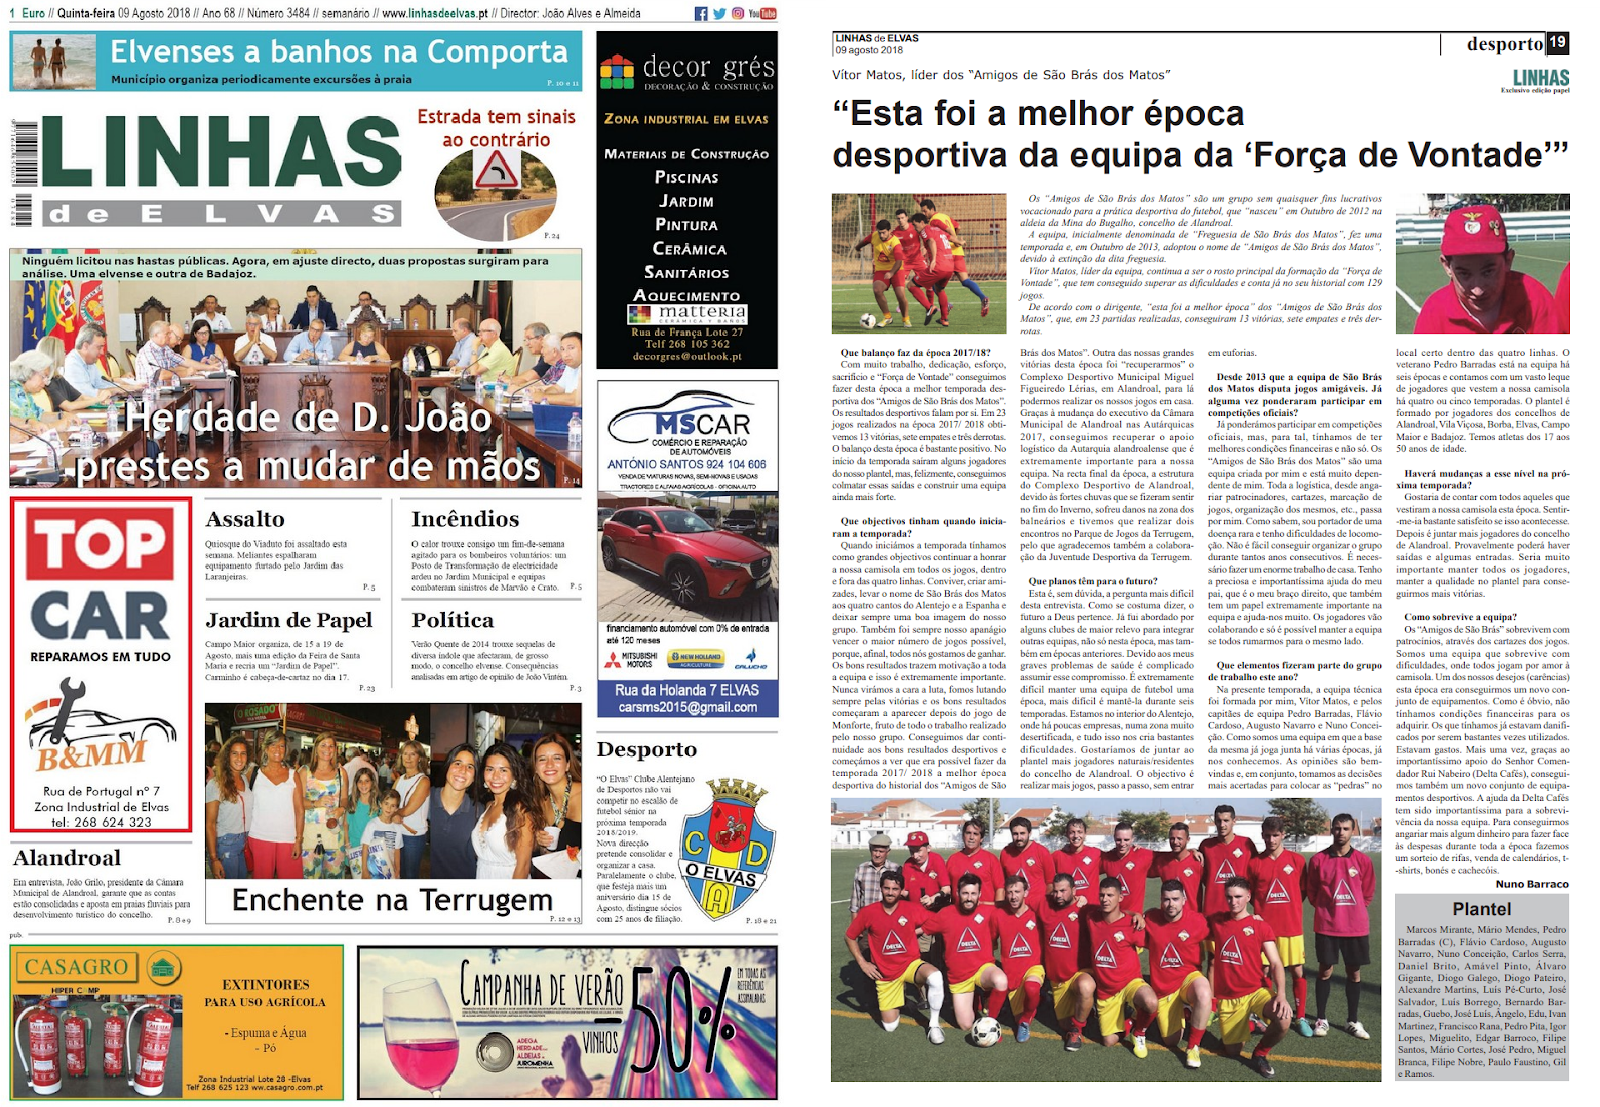 GRANDE ENTREVISTA NO JORNAL «LINHAS DE ELVAS» SOBRE OS «AMIGOS DE SÃO BRÁS DOS MATOS».